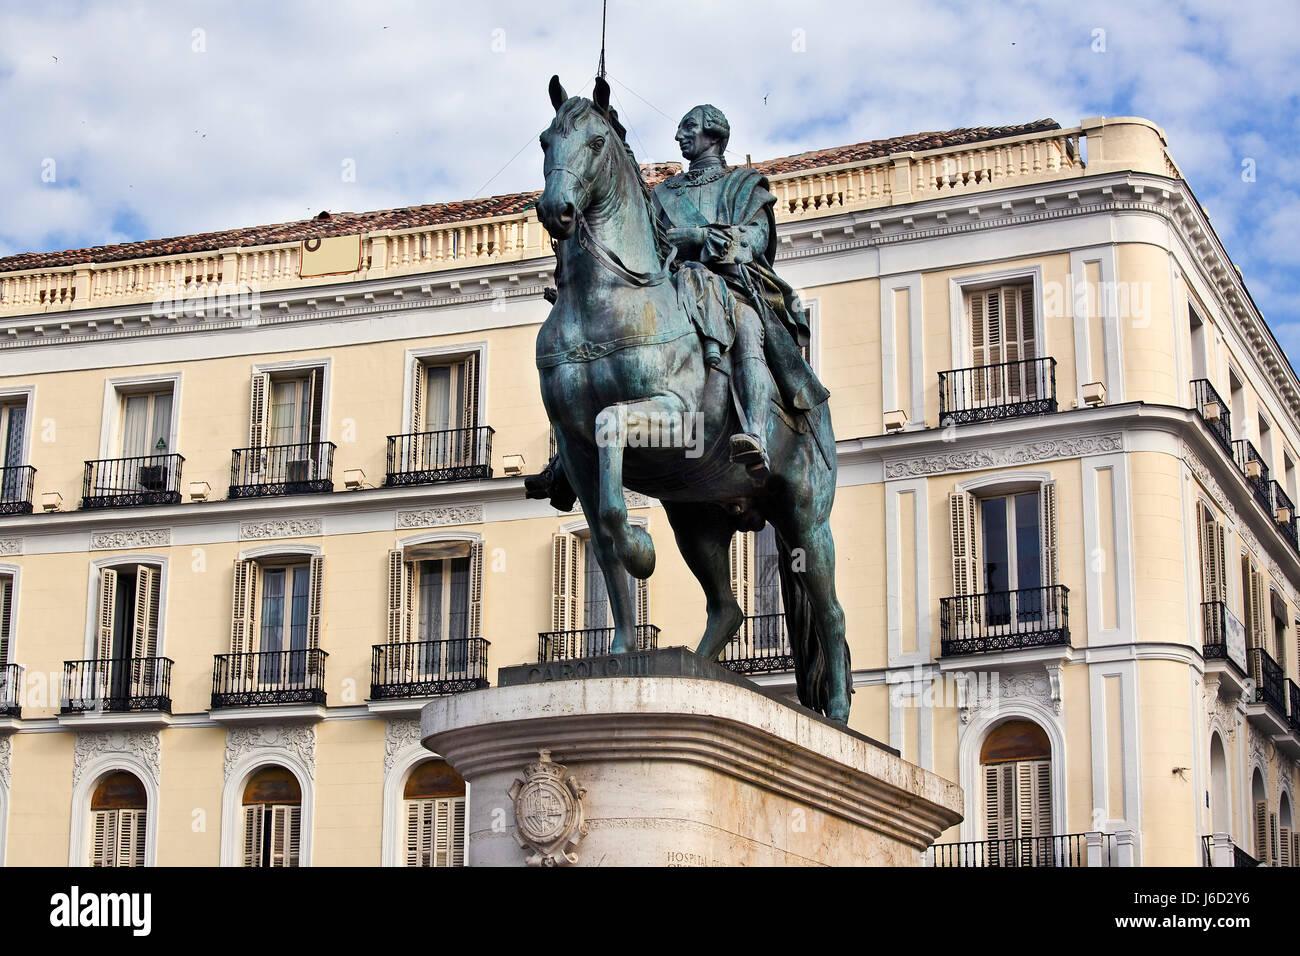 koenig carlos iii - puerta del sol - Stock Image